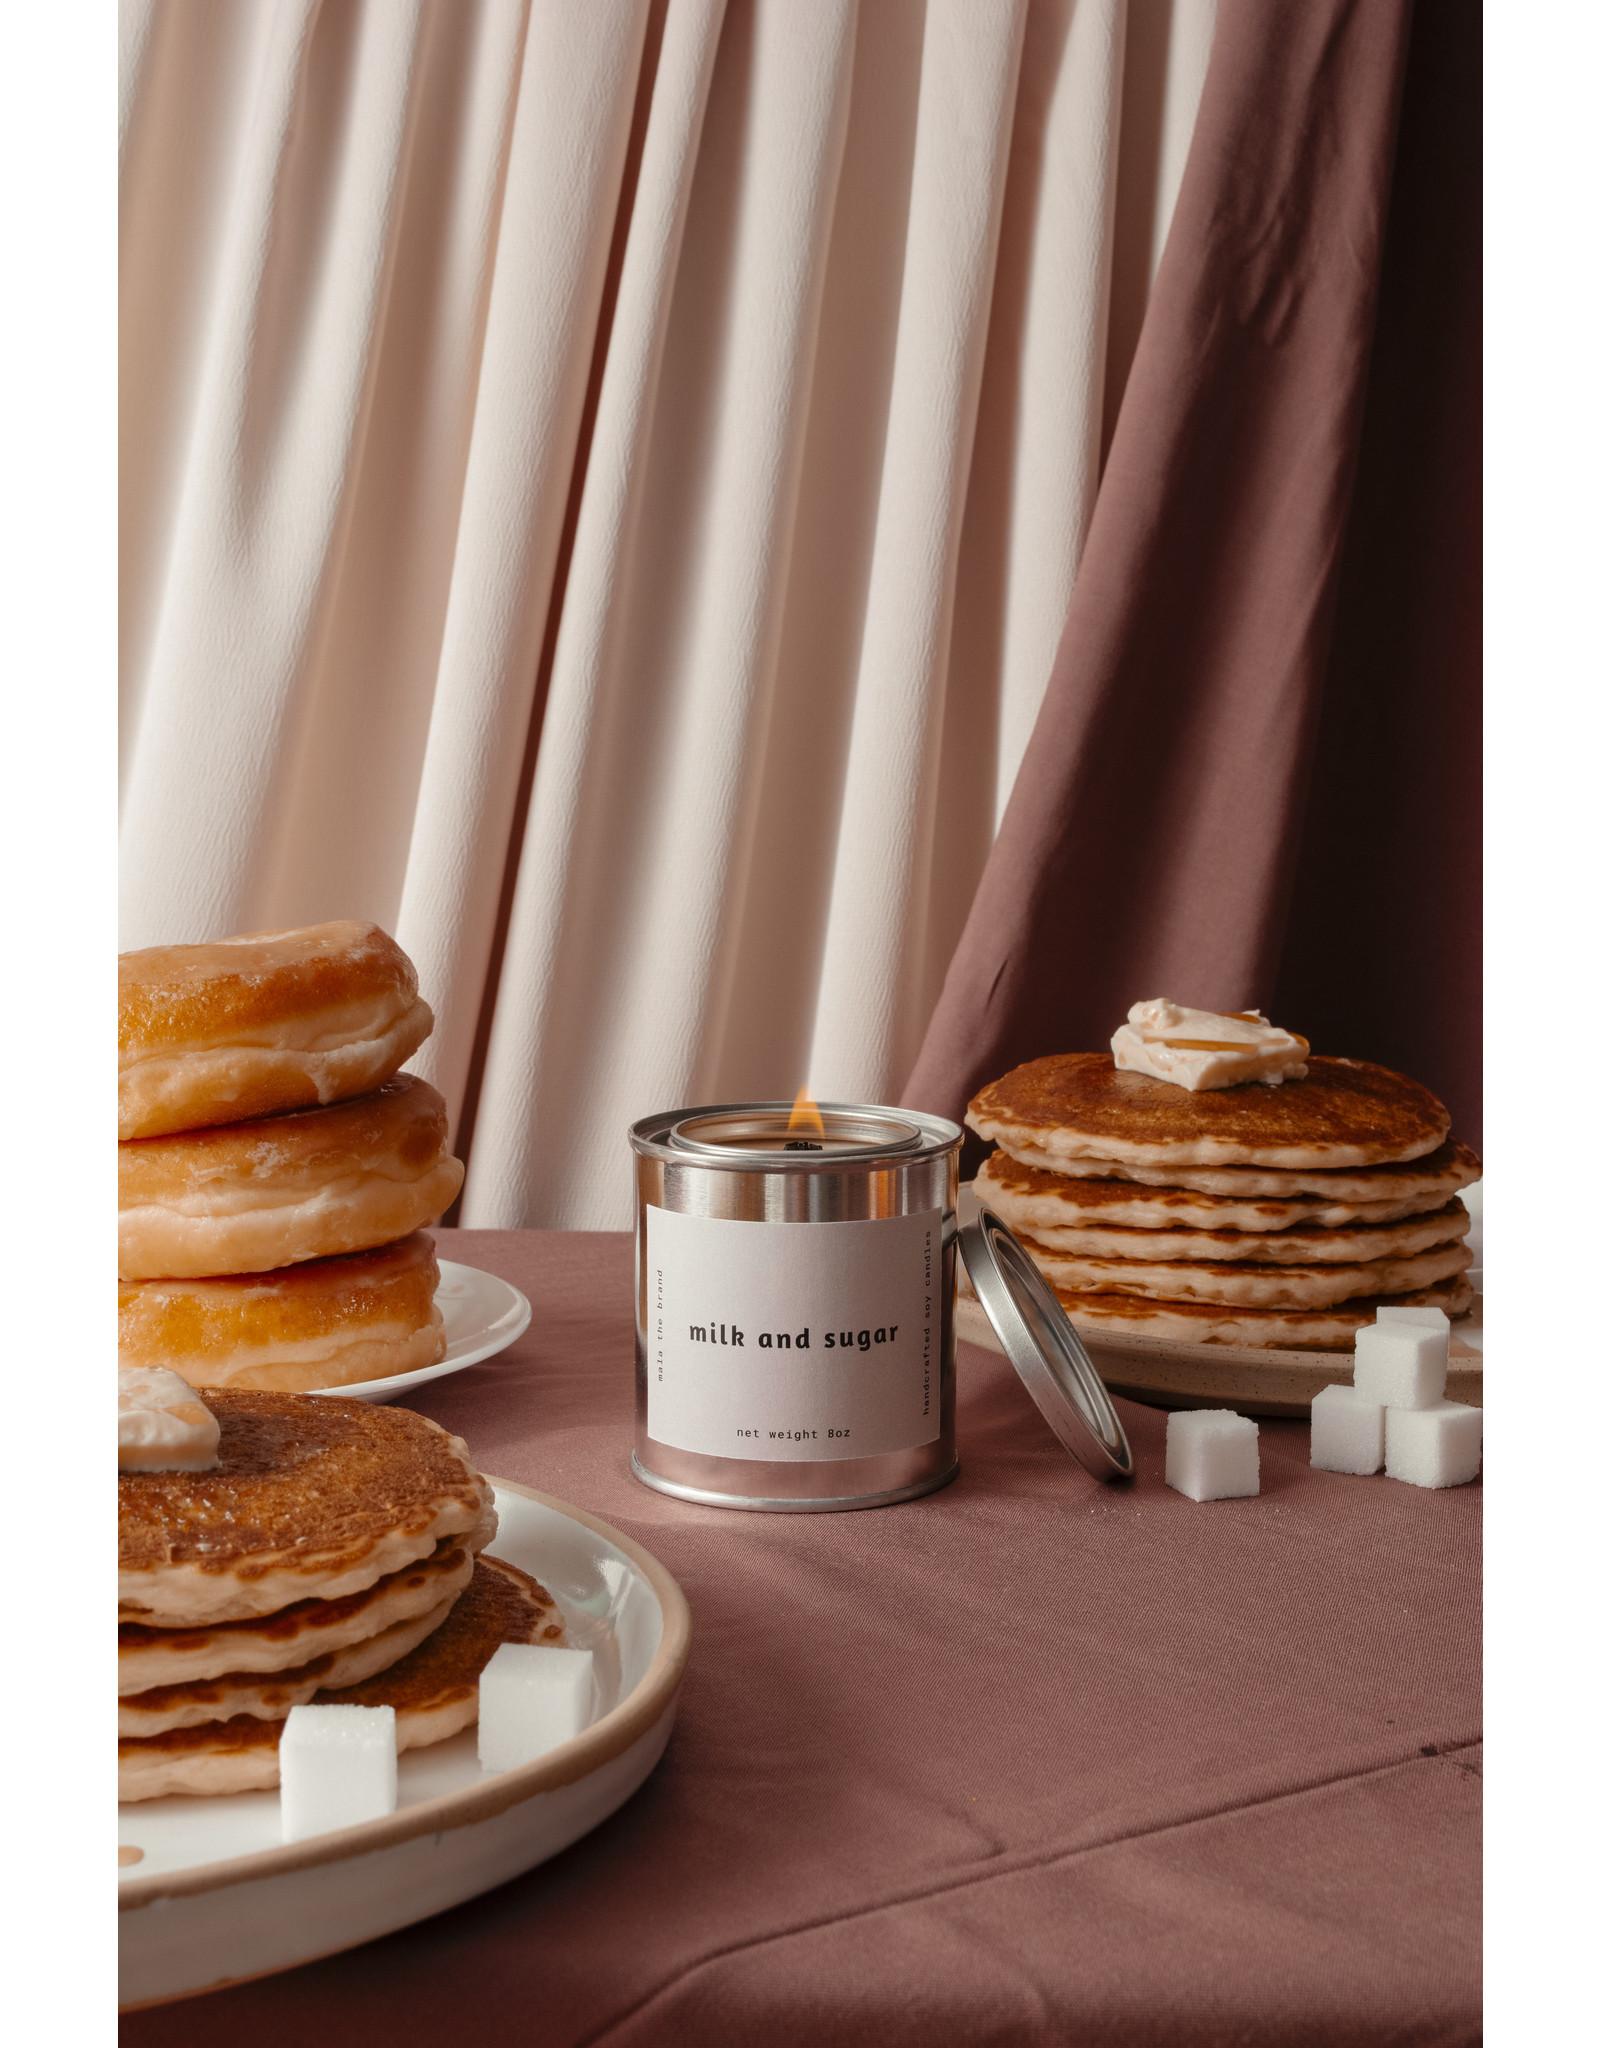 Mala The Brand Milk & Sugar Candle / Vanilla + Cinnamon + Cream